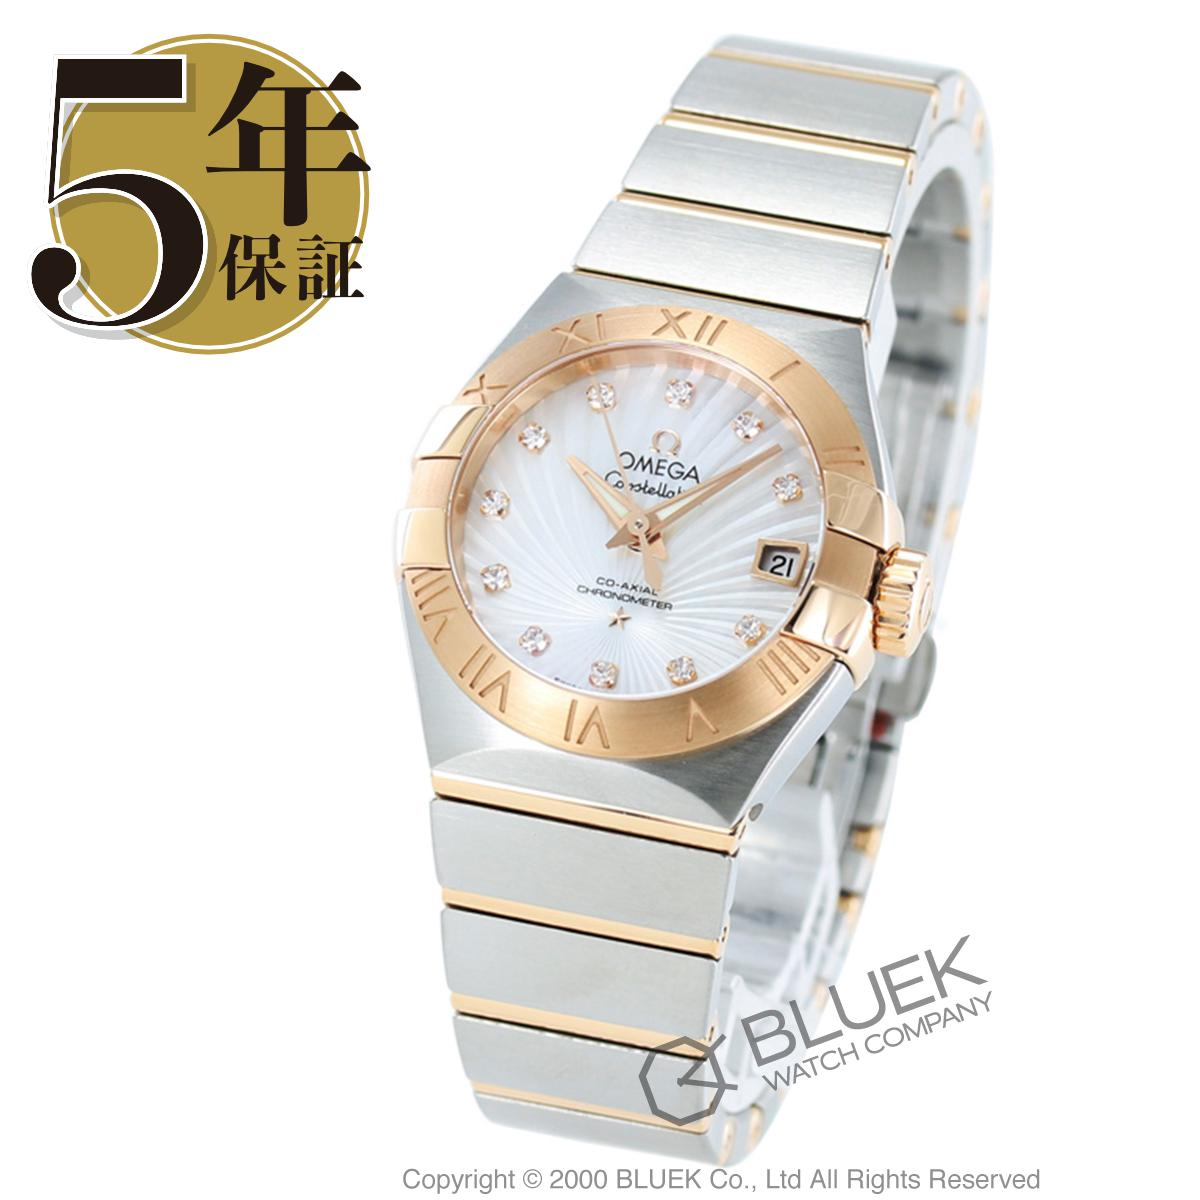 オメガ コンステレーション ブラッシュ ダイヤ 腕時計 レディース OMEGA 123.20.27.20.55.001_5